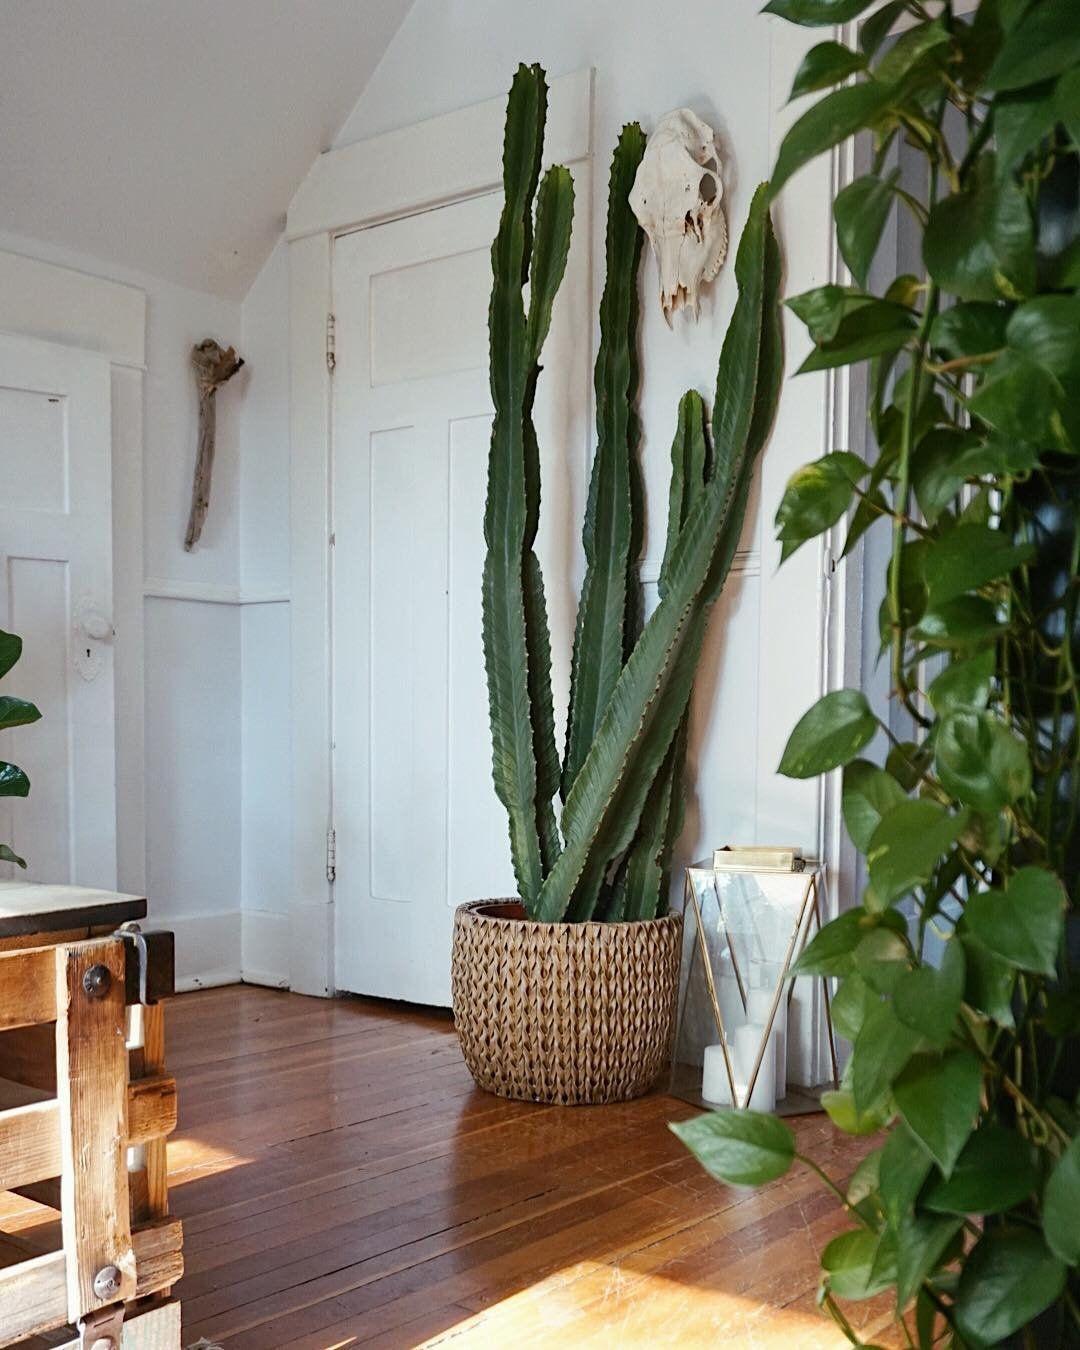 House Plants Cactus Large House Plants